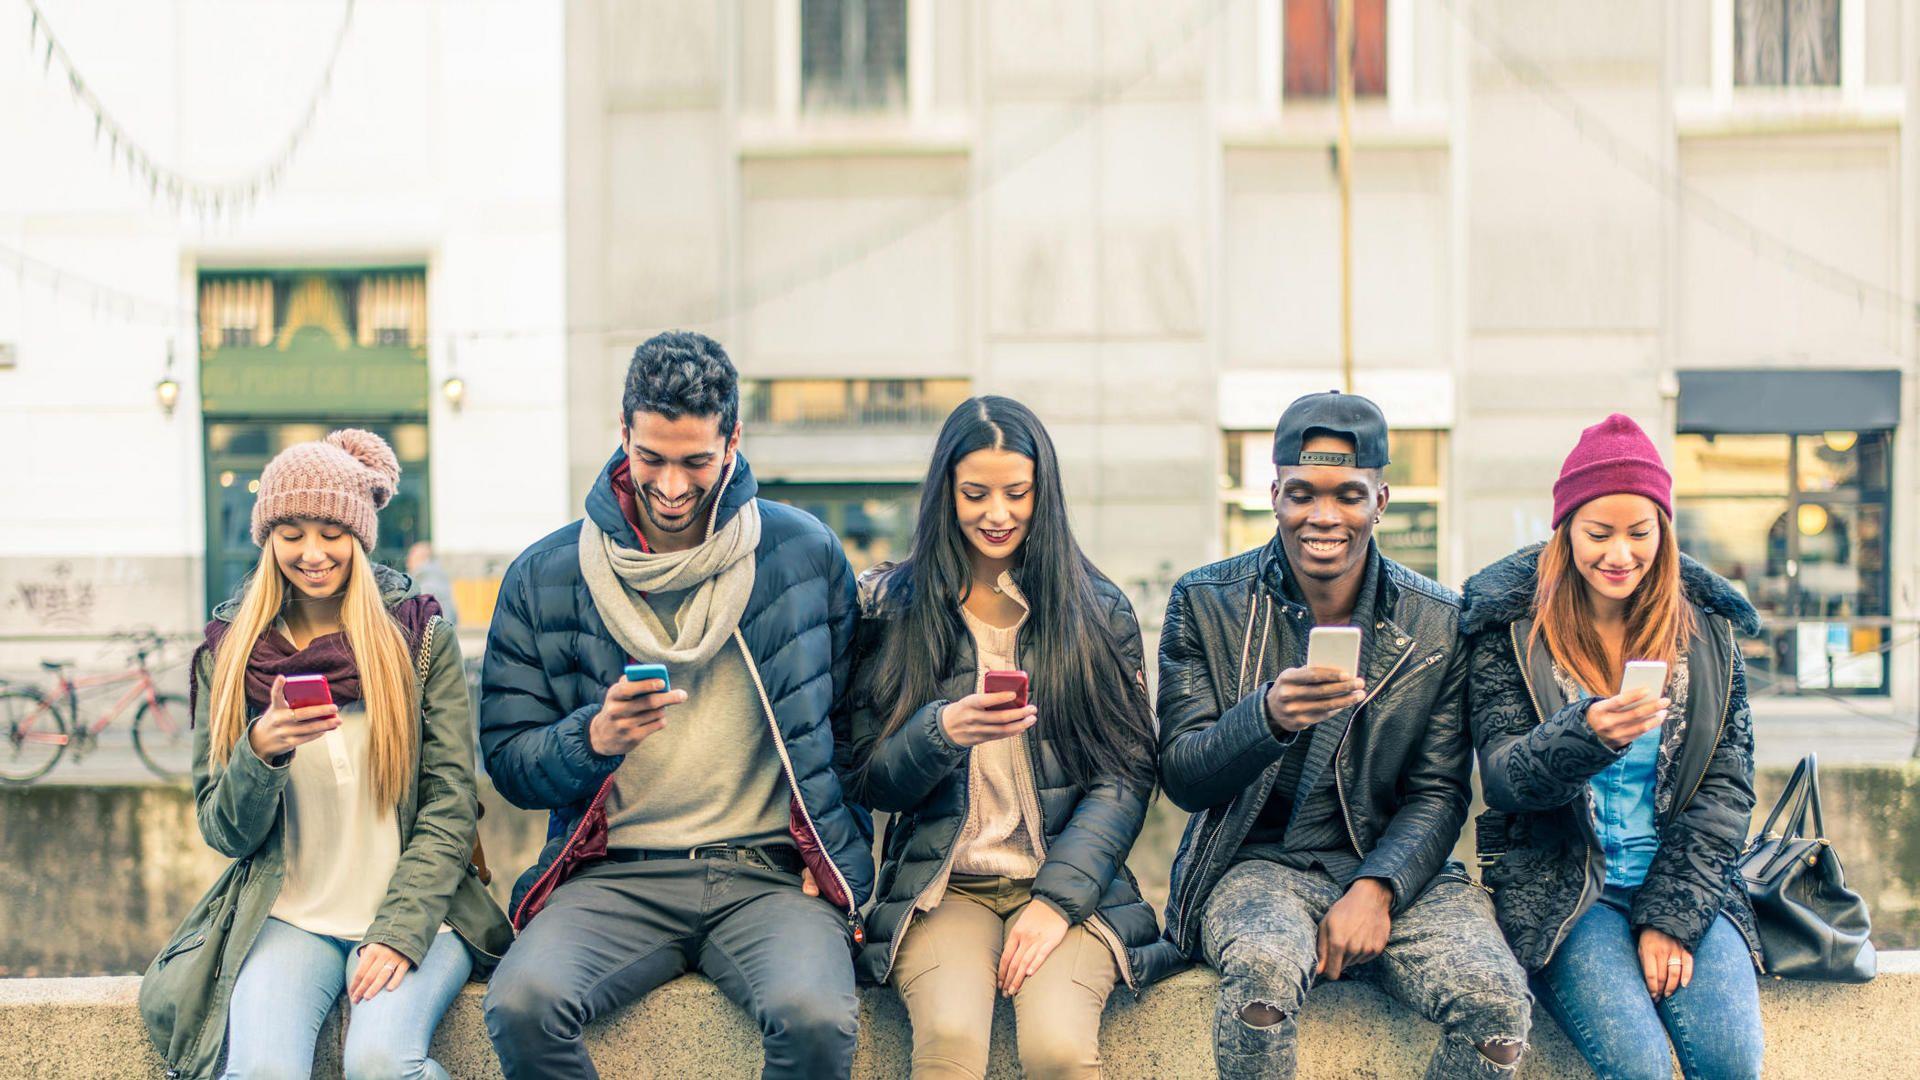 WIR UND DIE MEDIEN – Simon Sinek über die Millennials